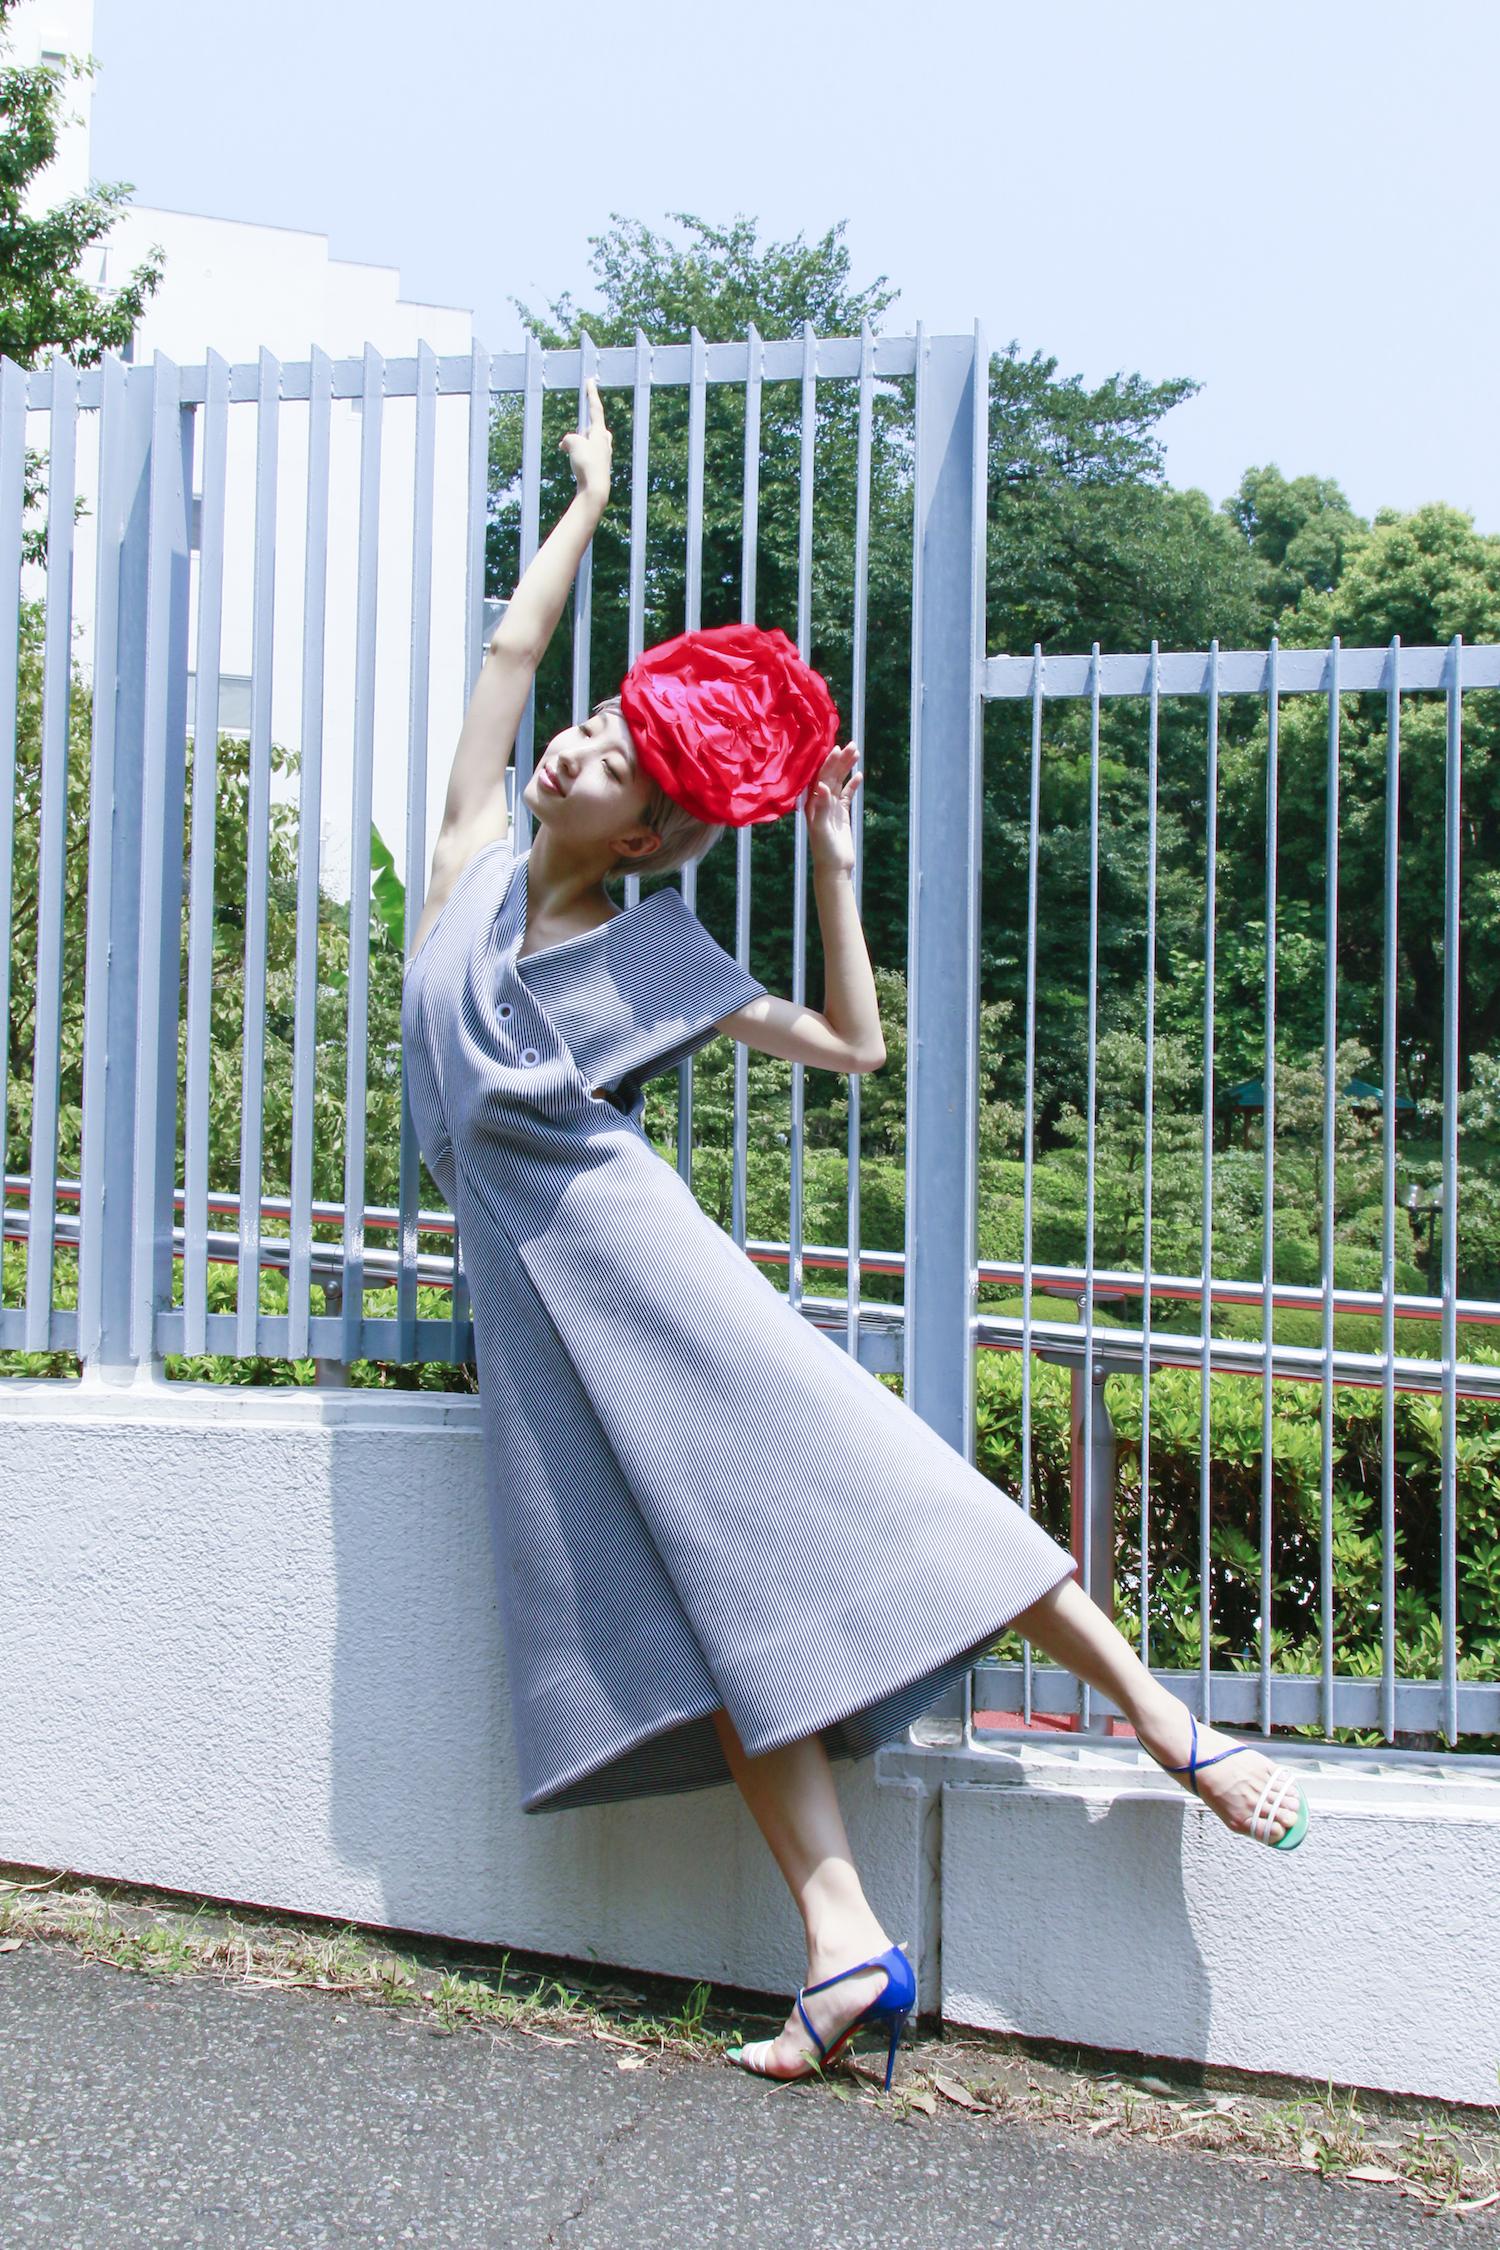 Fashionista_Nozomi Iijima_3